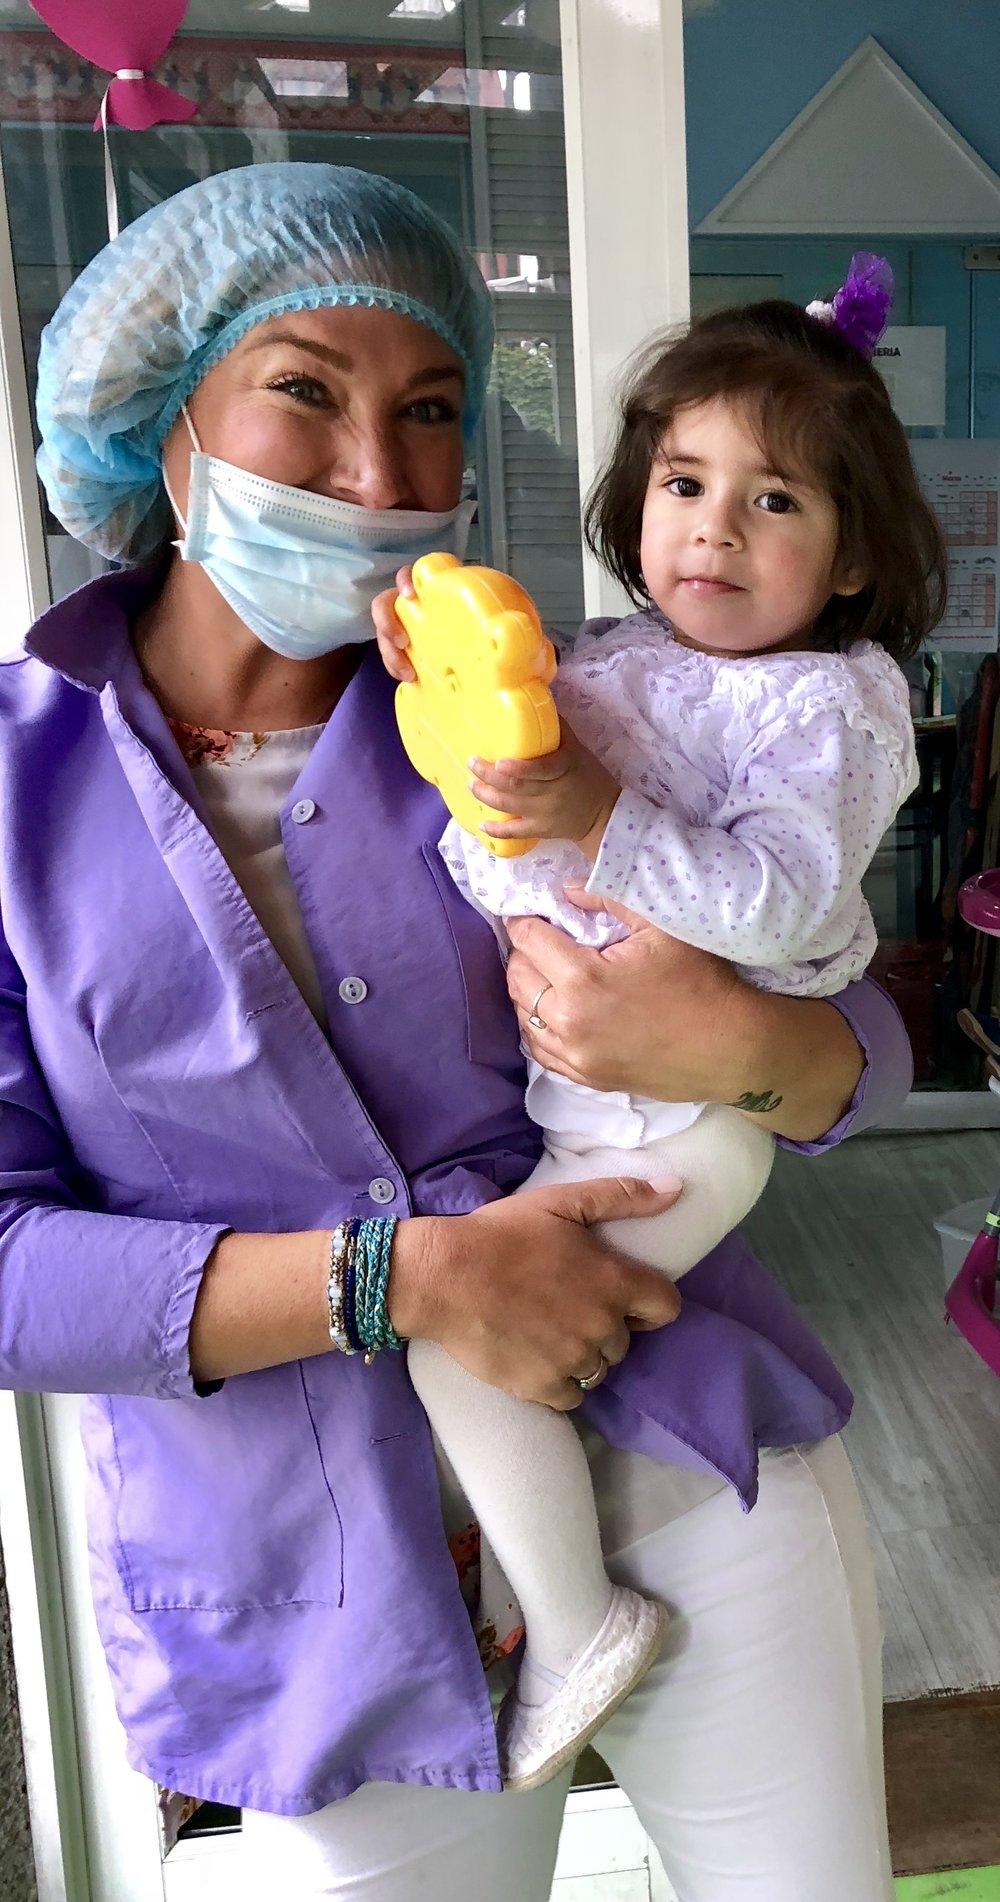 holding little girl.JPG